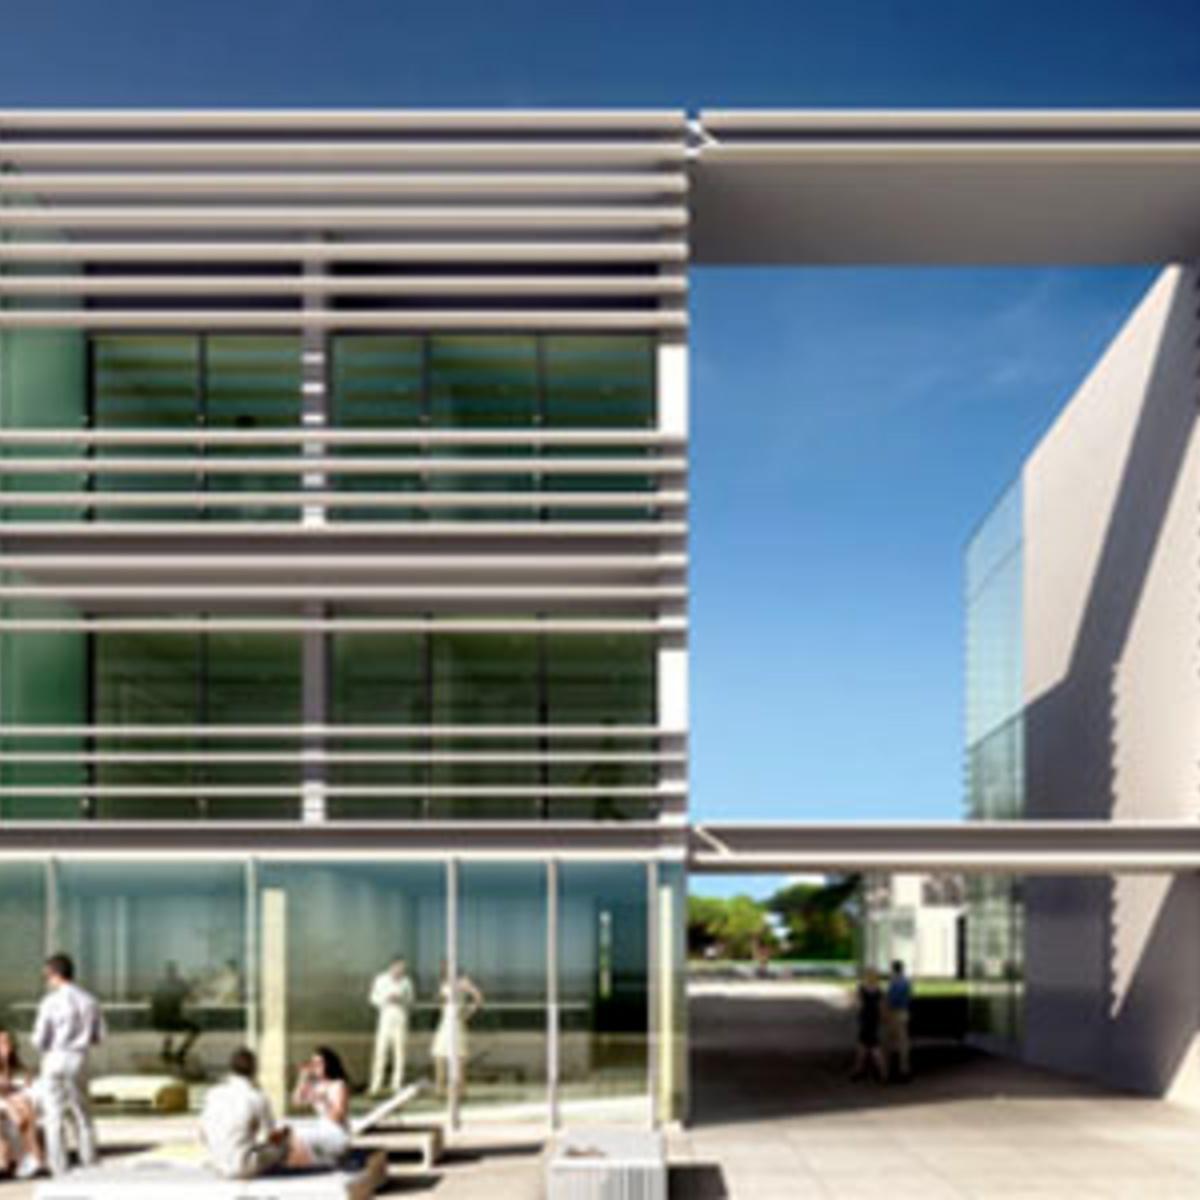 Jesolo Lido Village<br>Richard Meier. 2004